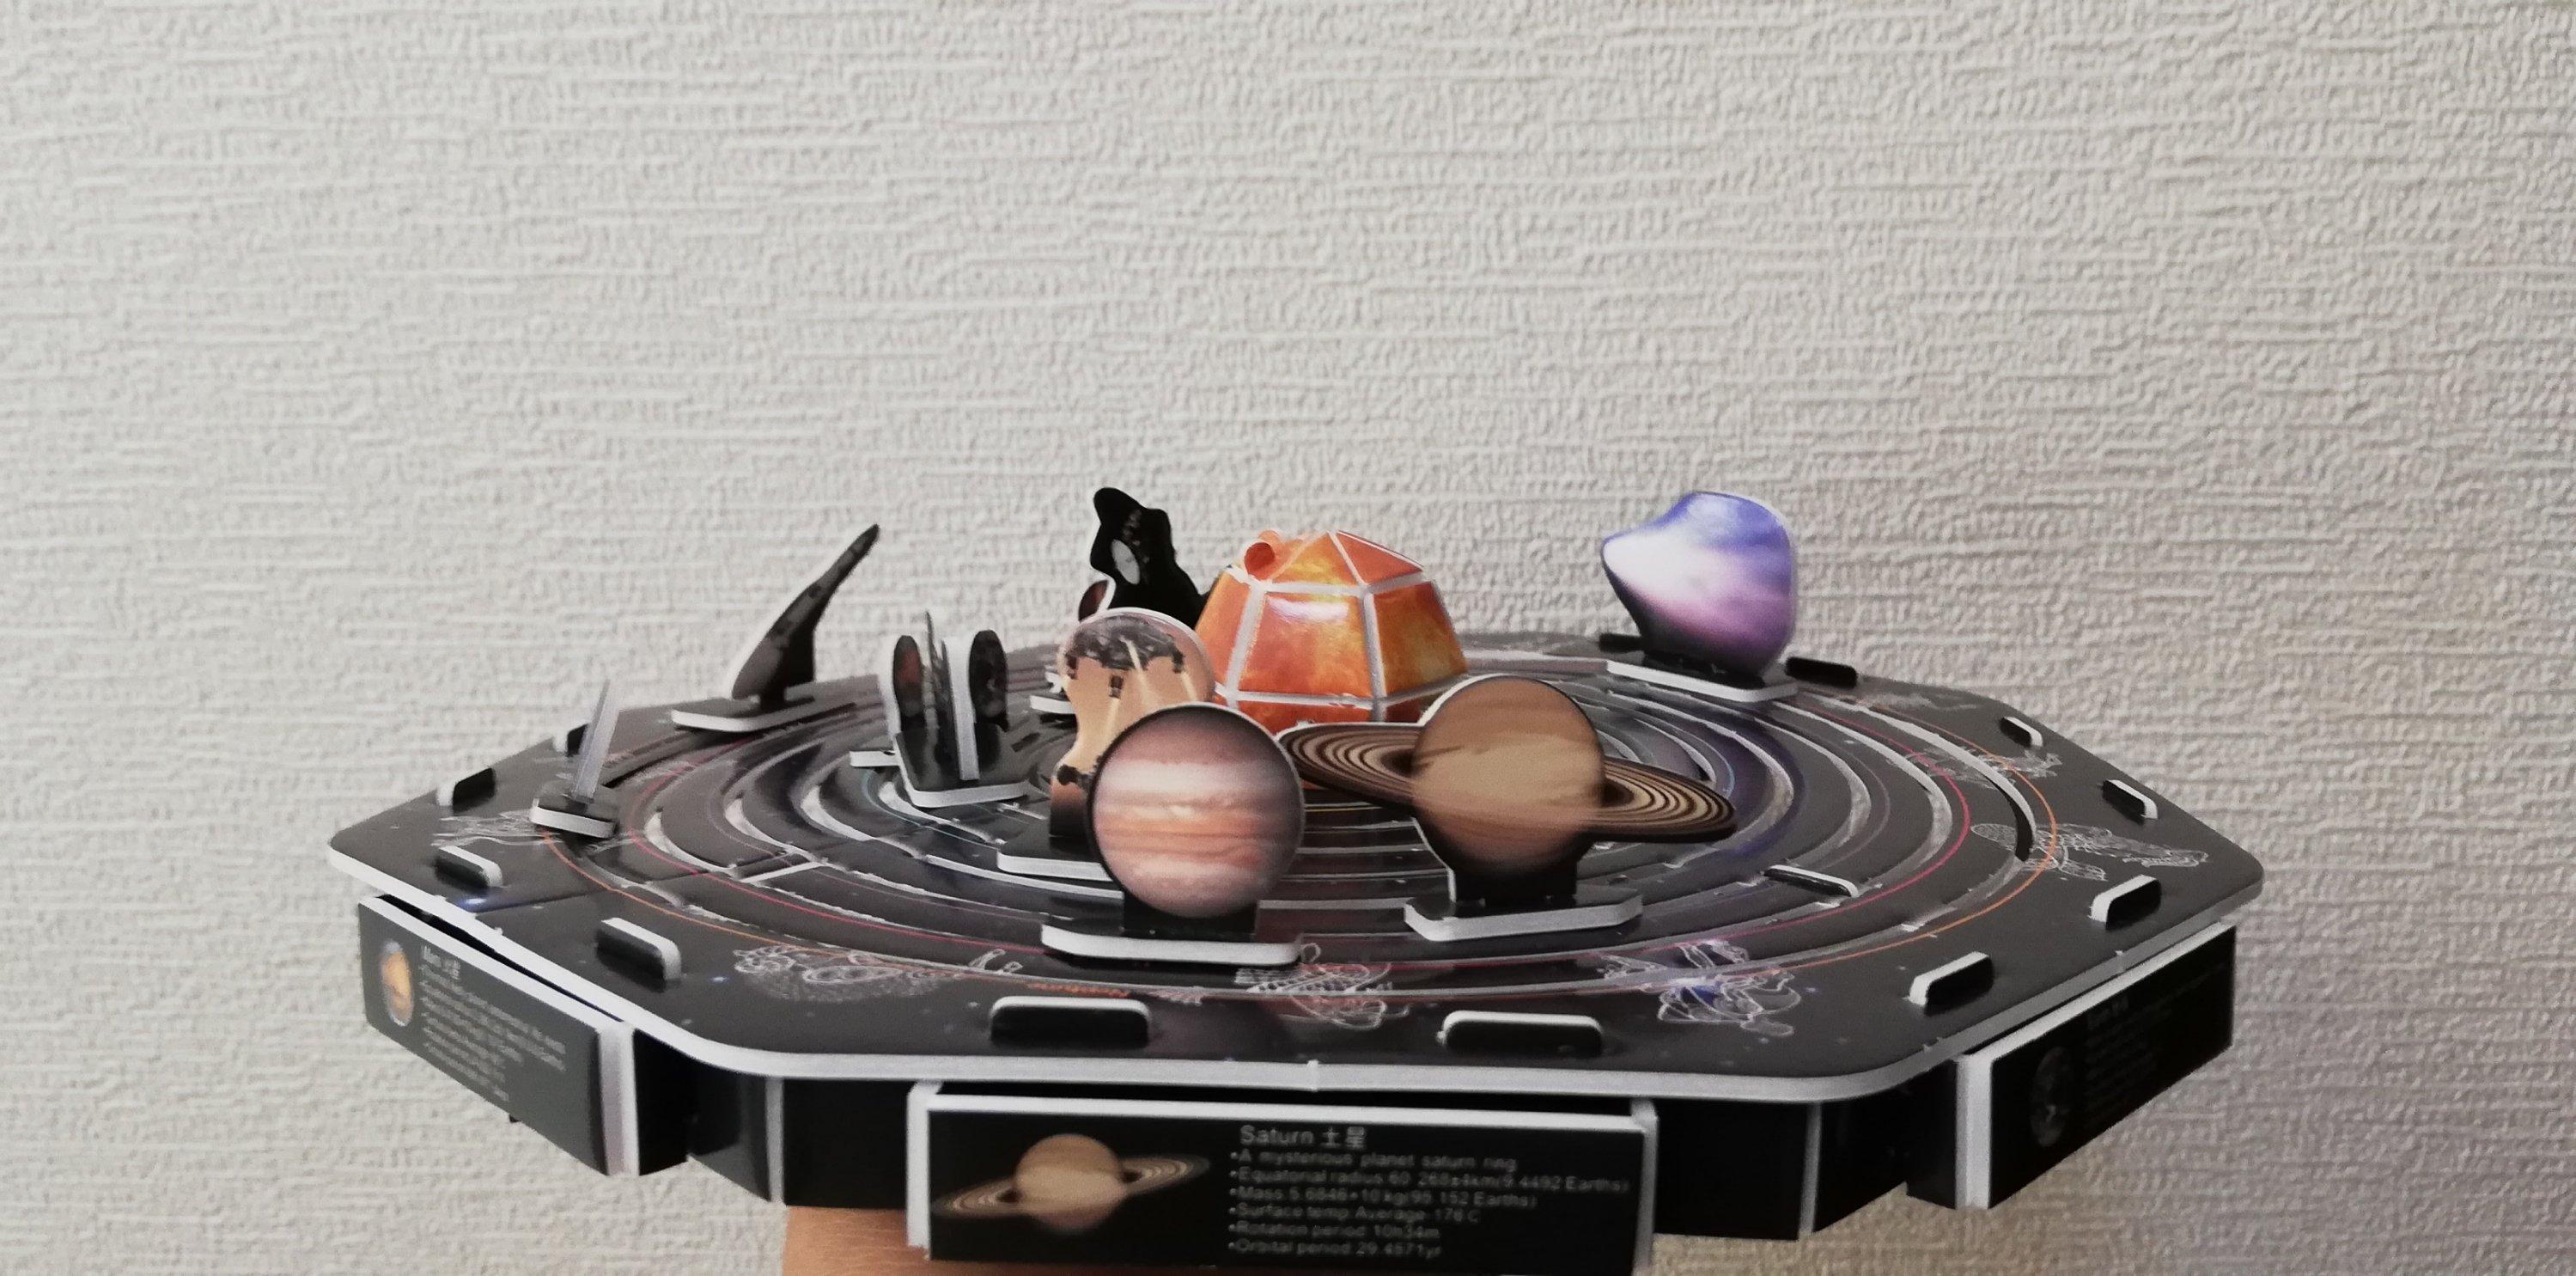 ダイソーで見つけた3D宇宙模型パズル!ロケットや太陽系の工作。